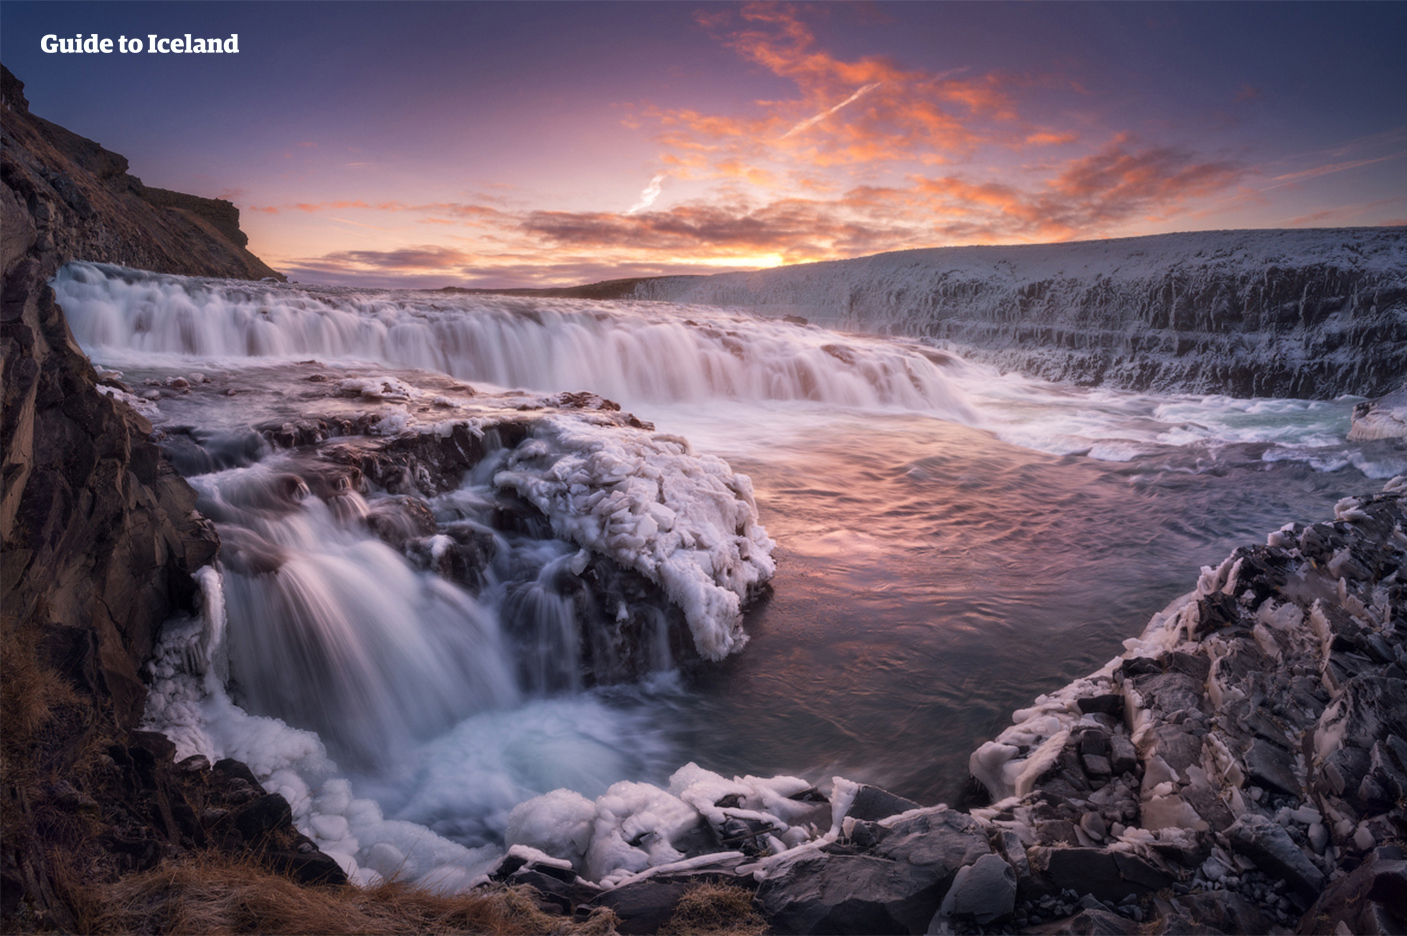 黄金圈景区的黄金瀑布是冰岛最壮丽的瀑布之一